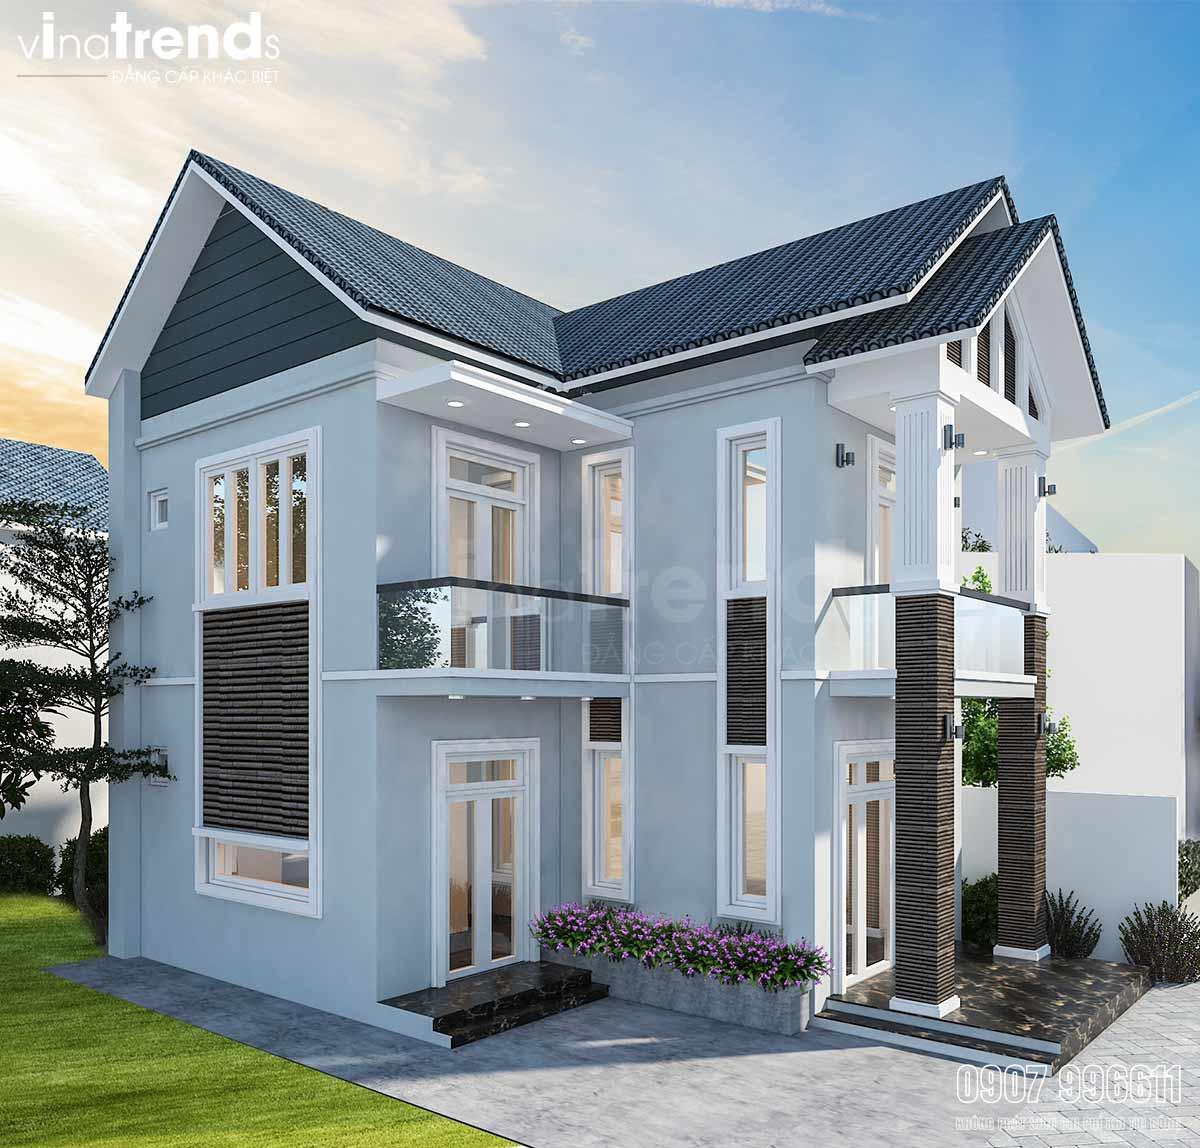 mau nha 2 tang don gian mai thai dep Mẫu nhà 2 tầng mái thái đơn giản 7,8x11m đẹp như  biệt thự ở Biên Hòa